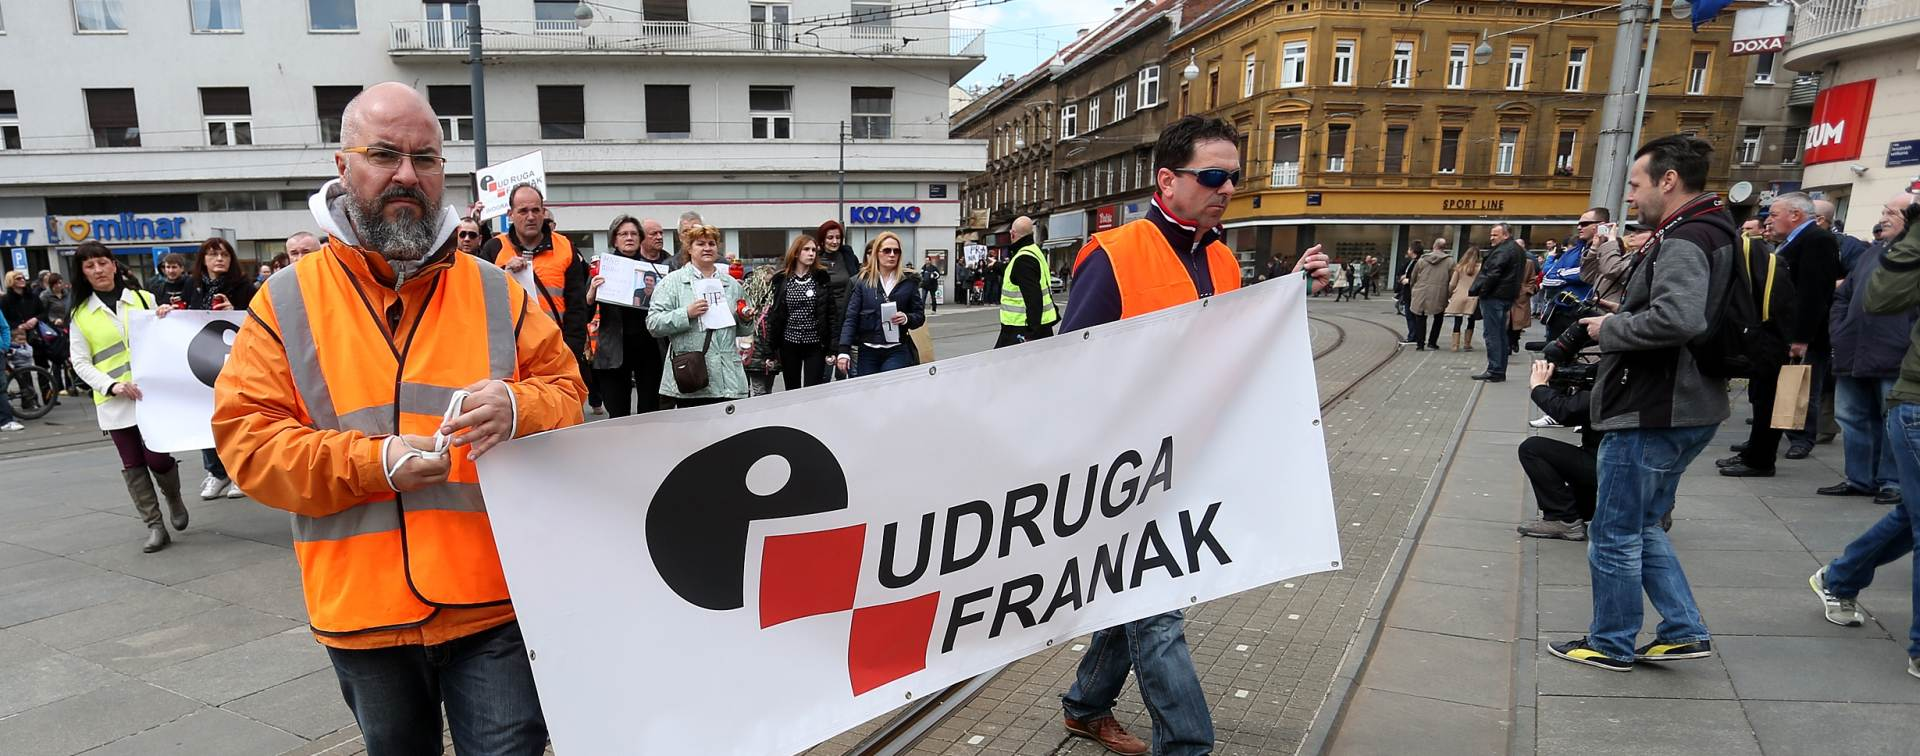 Franak proziva banke za nezakonite odredbe novih ugovora o kreditima